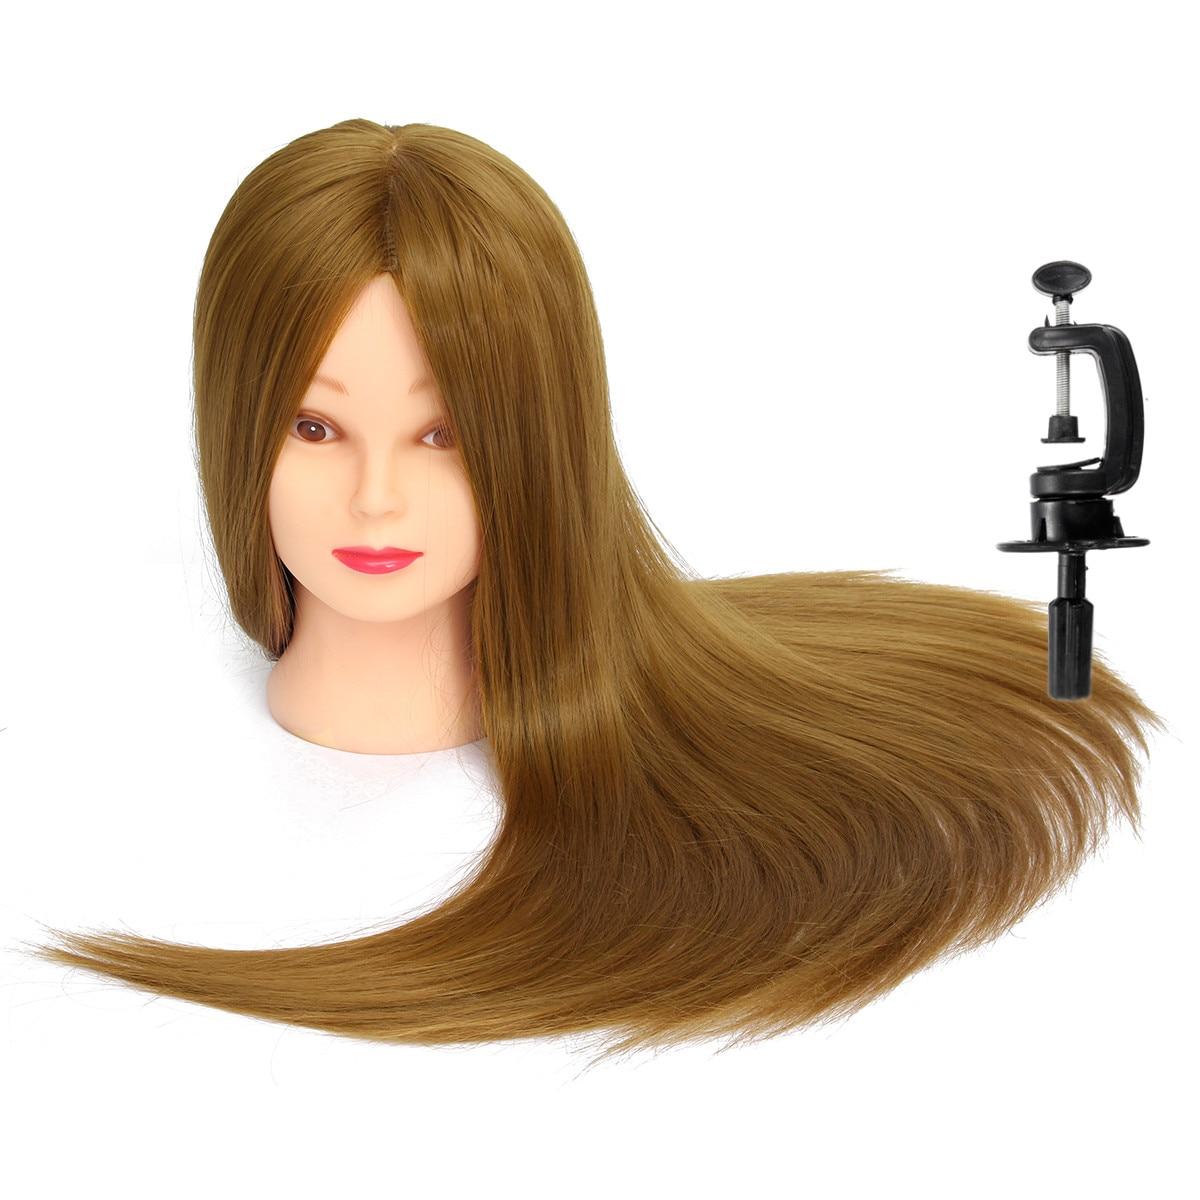 Cabeza de maniquíes profesional de 26 pulgadas para peluquería, cabeza de muñecas, maniquí femenino, peinado, cabeza de entrenamiento con cabello